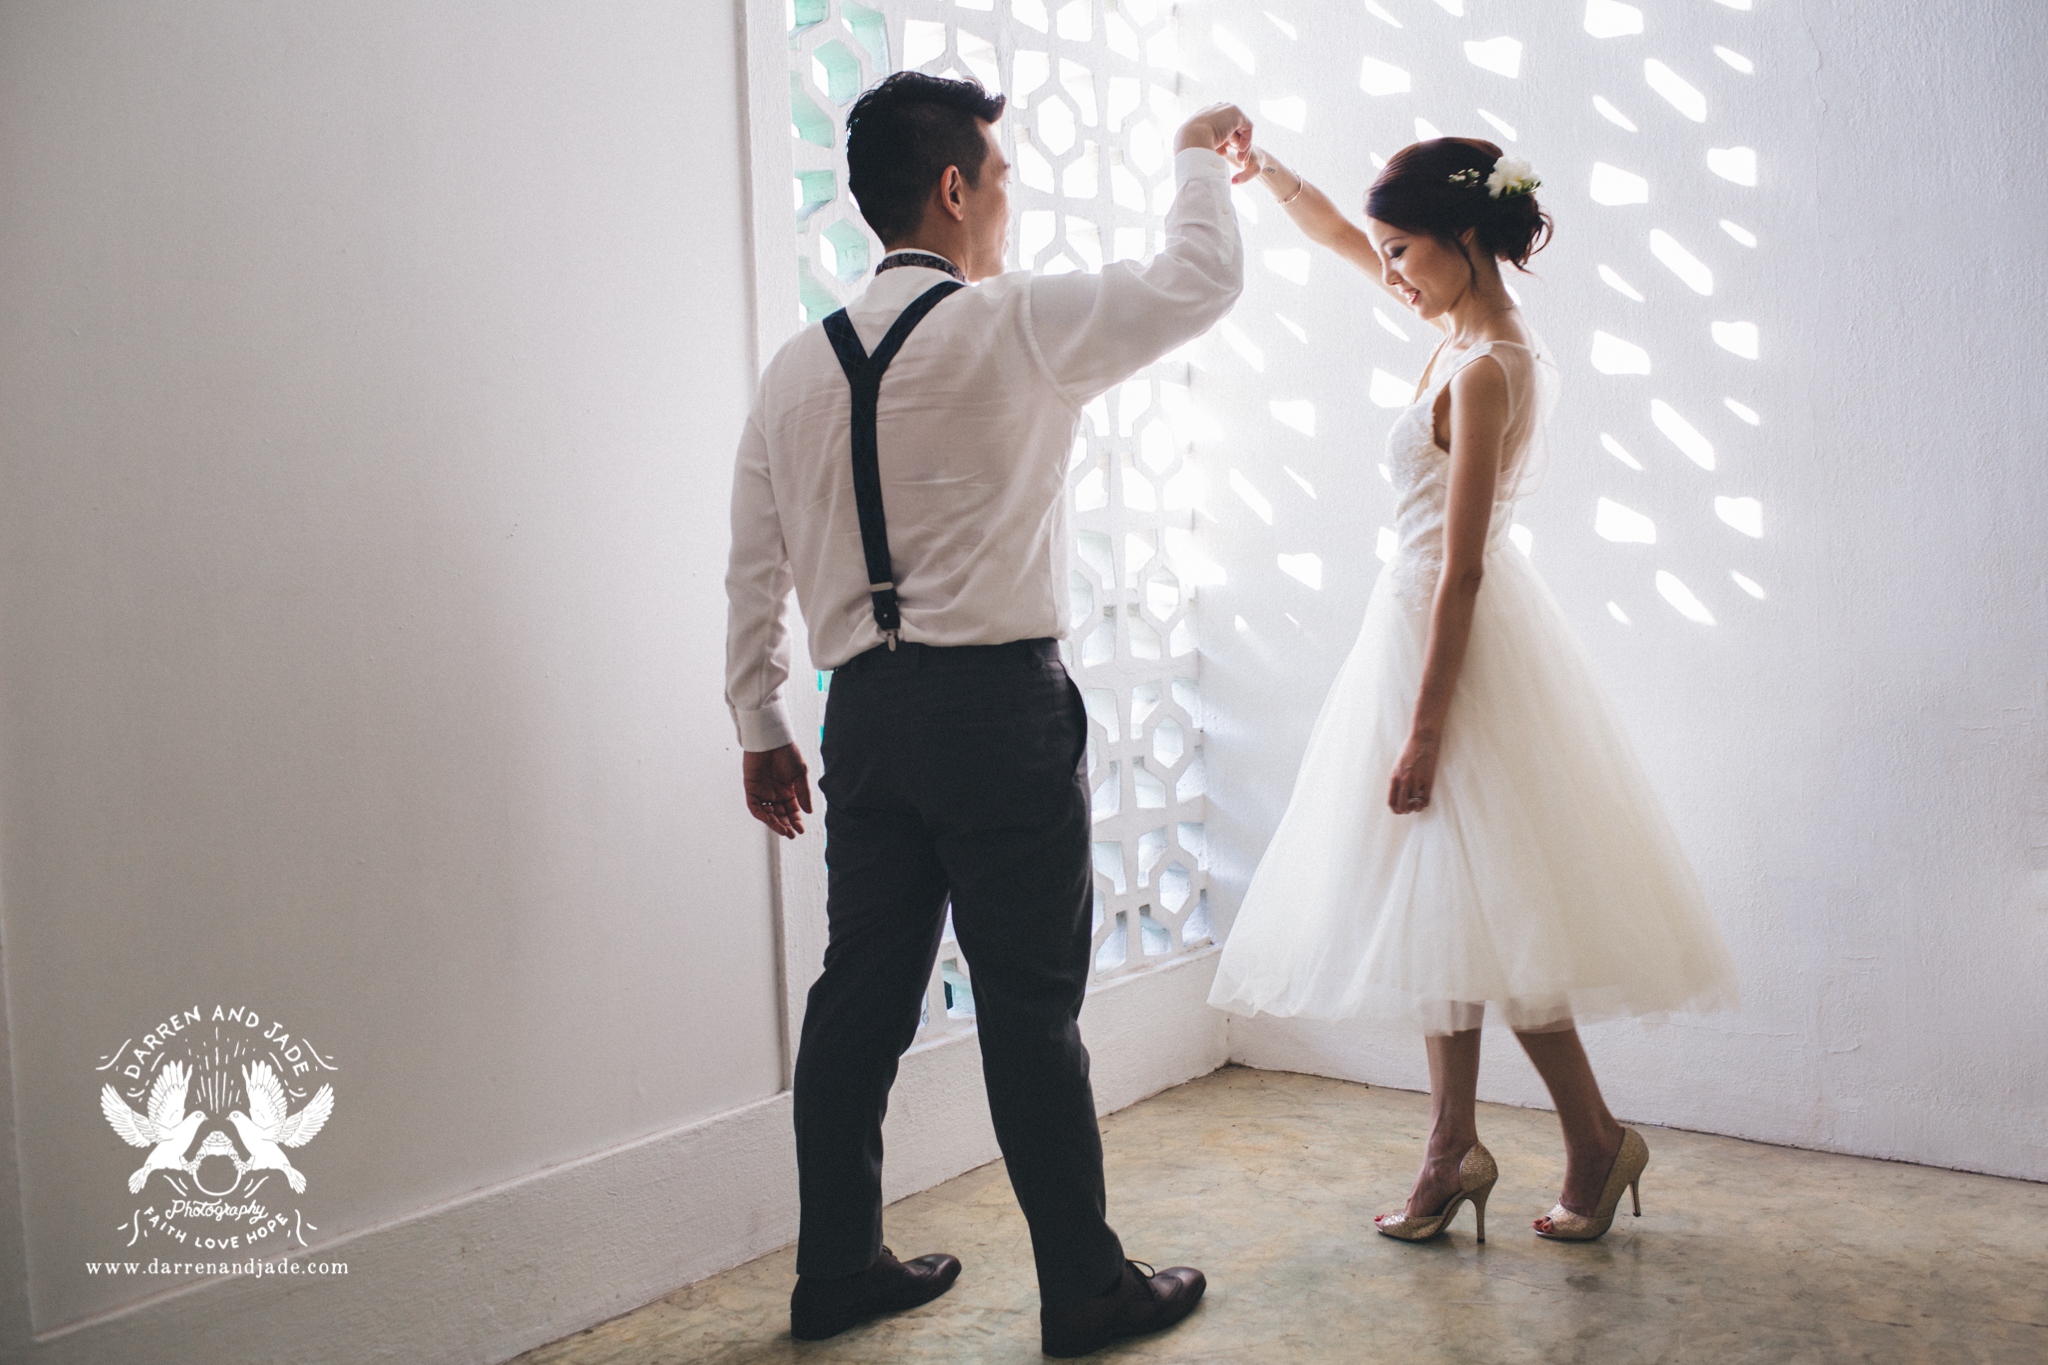 Hannah & Amos - Engagement - Selects - Sharing (34 of 56).jpg